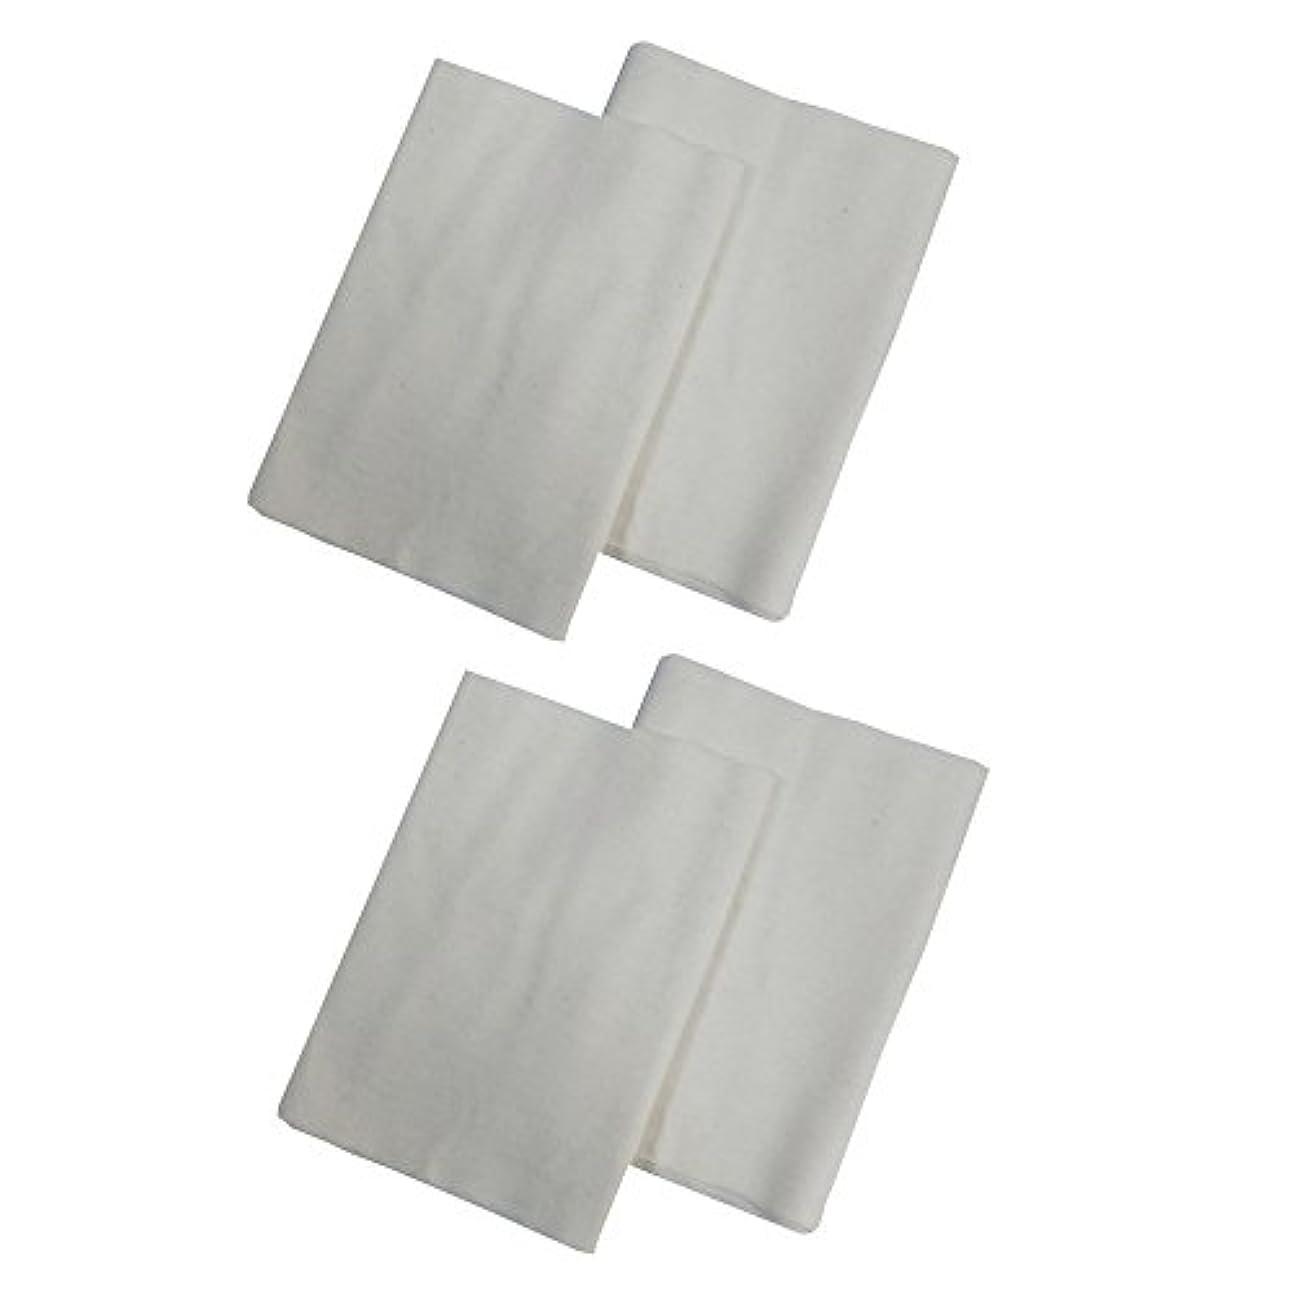 ブーム該当する縫い目コットンフランネル4枚組(ヒマシ油用) 無添加 無漂白 平織 両面起毛フランネル生成 (4)